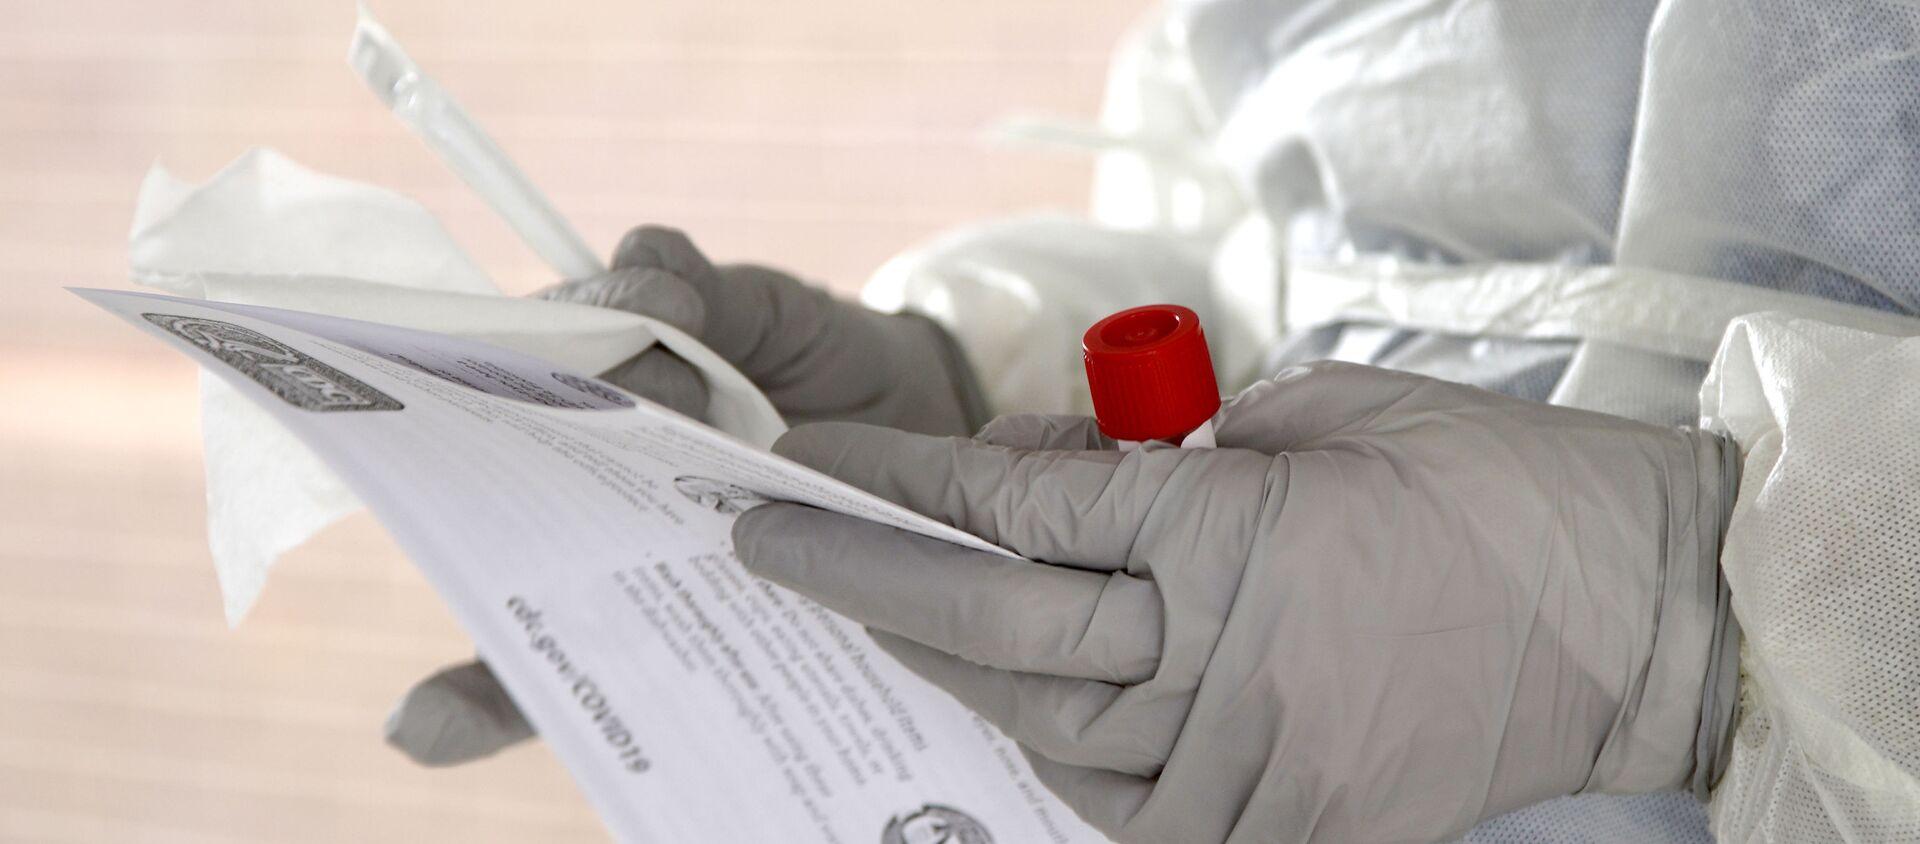 test PCR - Sputnik France, 1920, 15.07.2021